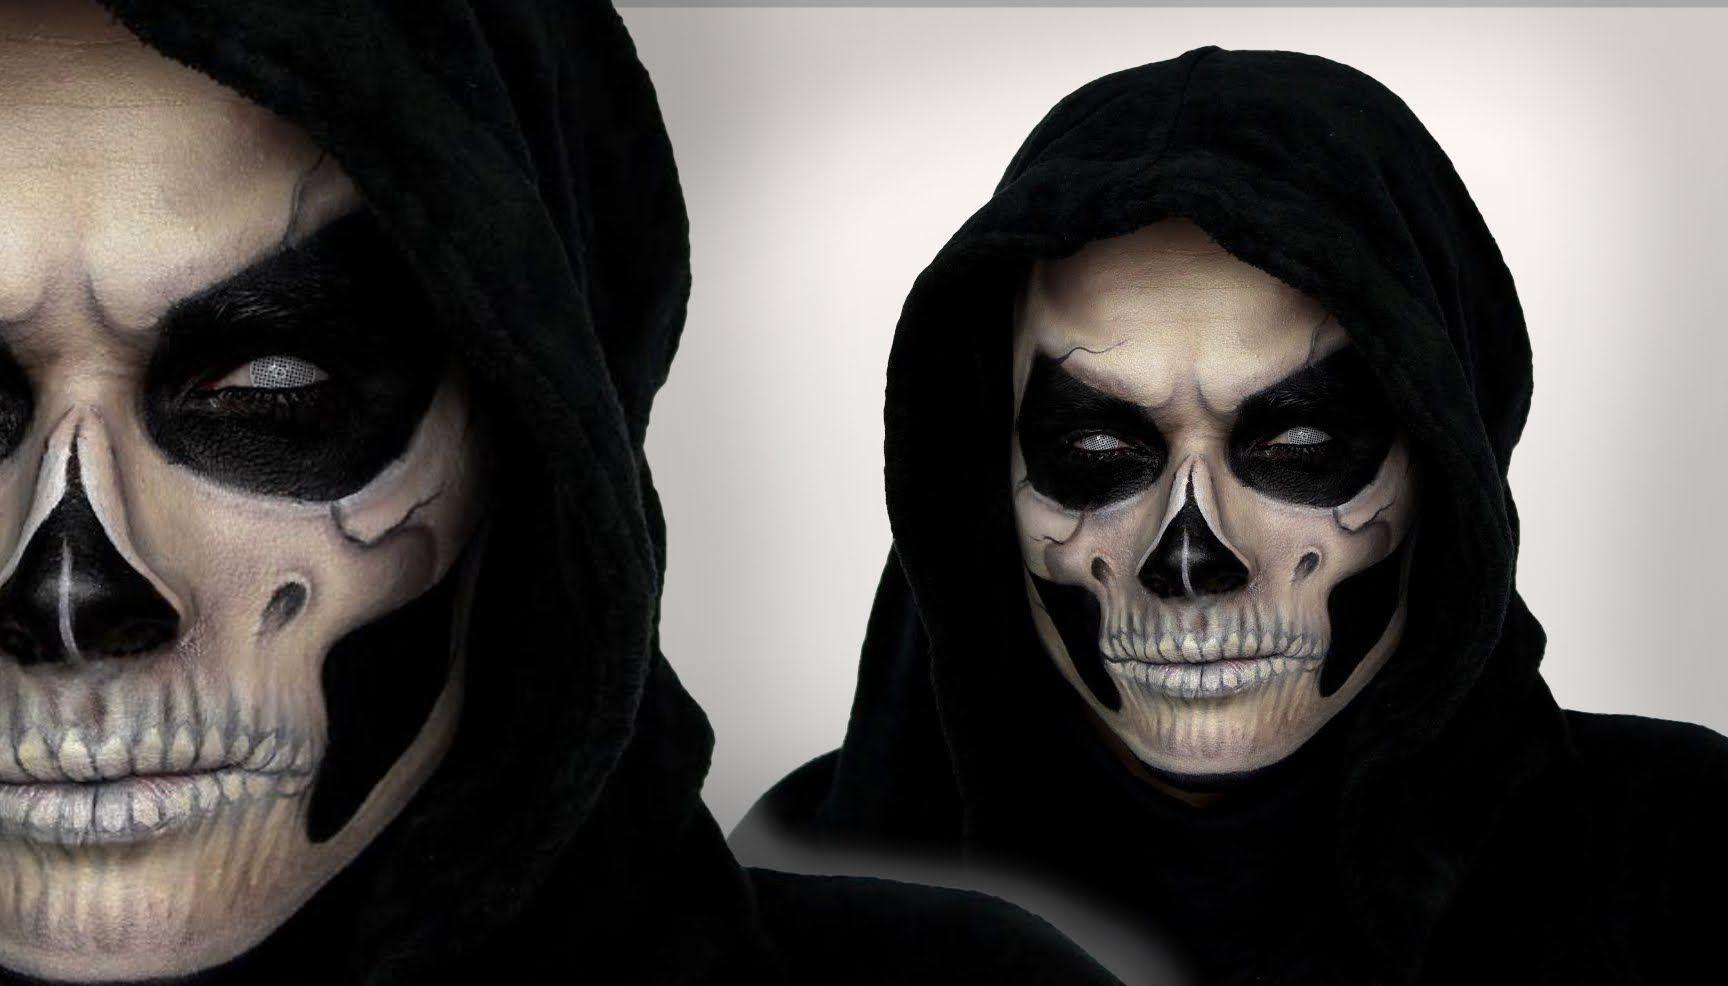 Einzigartig Halloween Schminken Männer Dekoration Von Grim Reaper Makeup Tutorial For | Shonagh